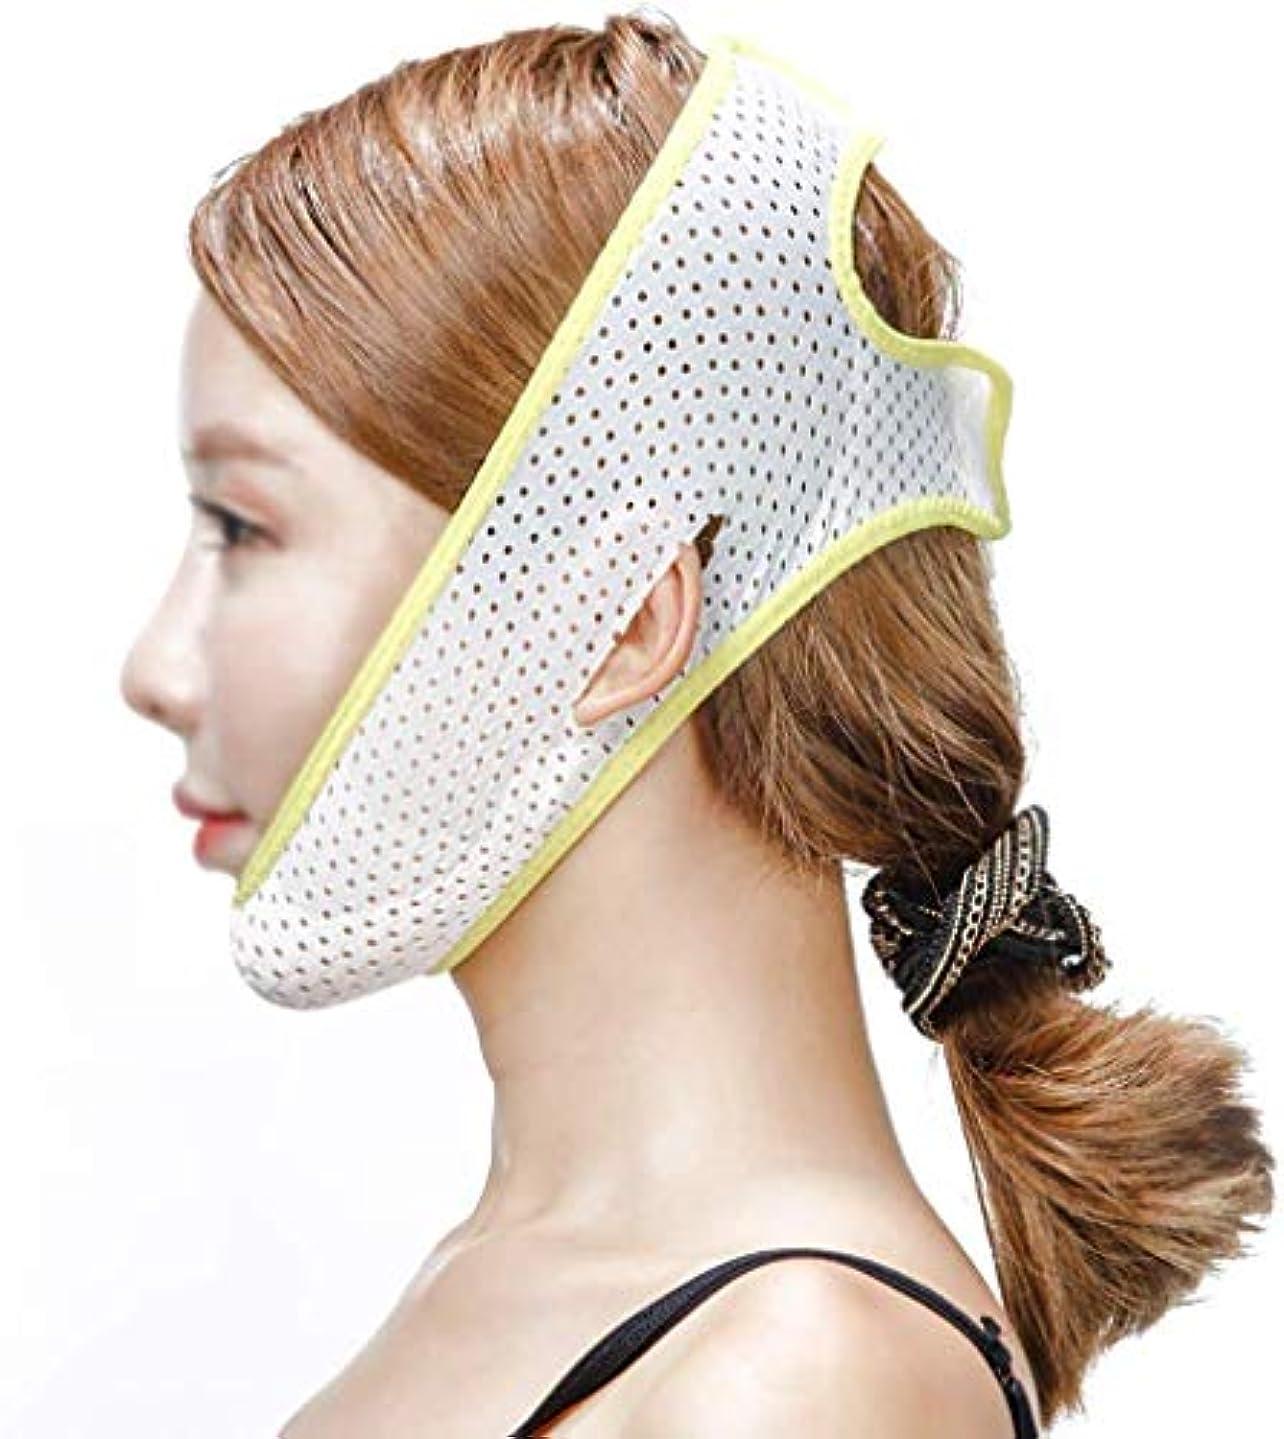 滅多アクセント取り除く美容と実用的なフェイスリフトマスク、チンストラップ回復包帯睡眠薄いフェイスバンデージ薄いフェイスマスクフェイスリフトアーティファクトフェイスリフト美容マスク包帯で小さなV顔を強化(色:黄色と白)